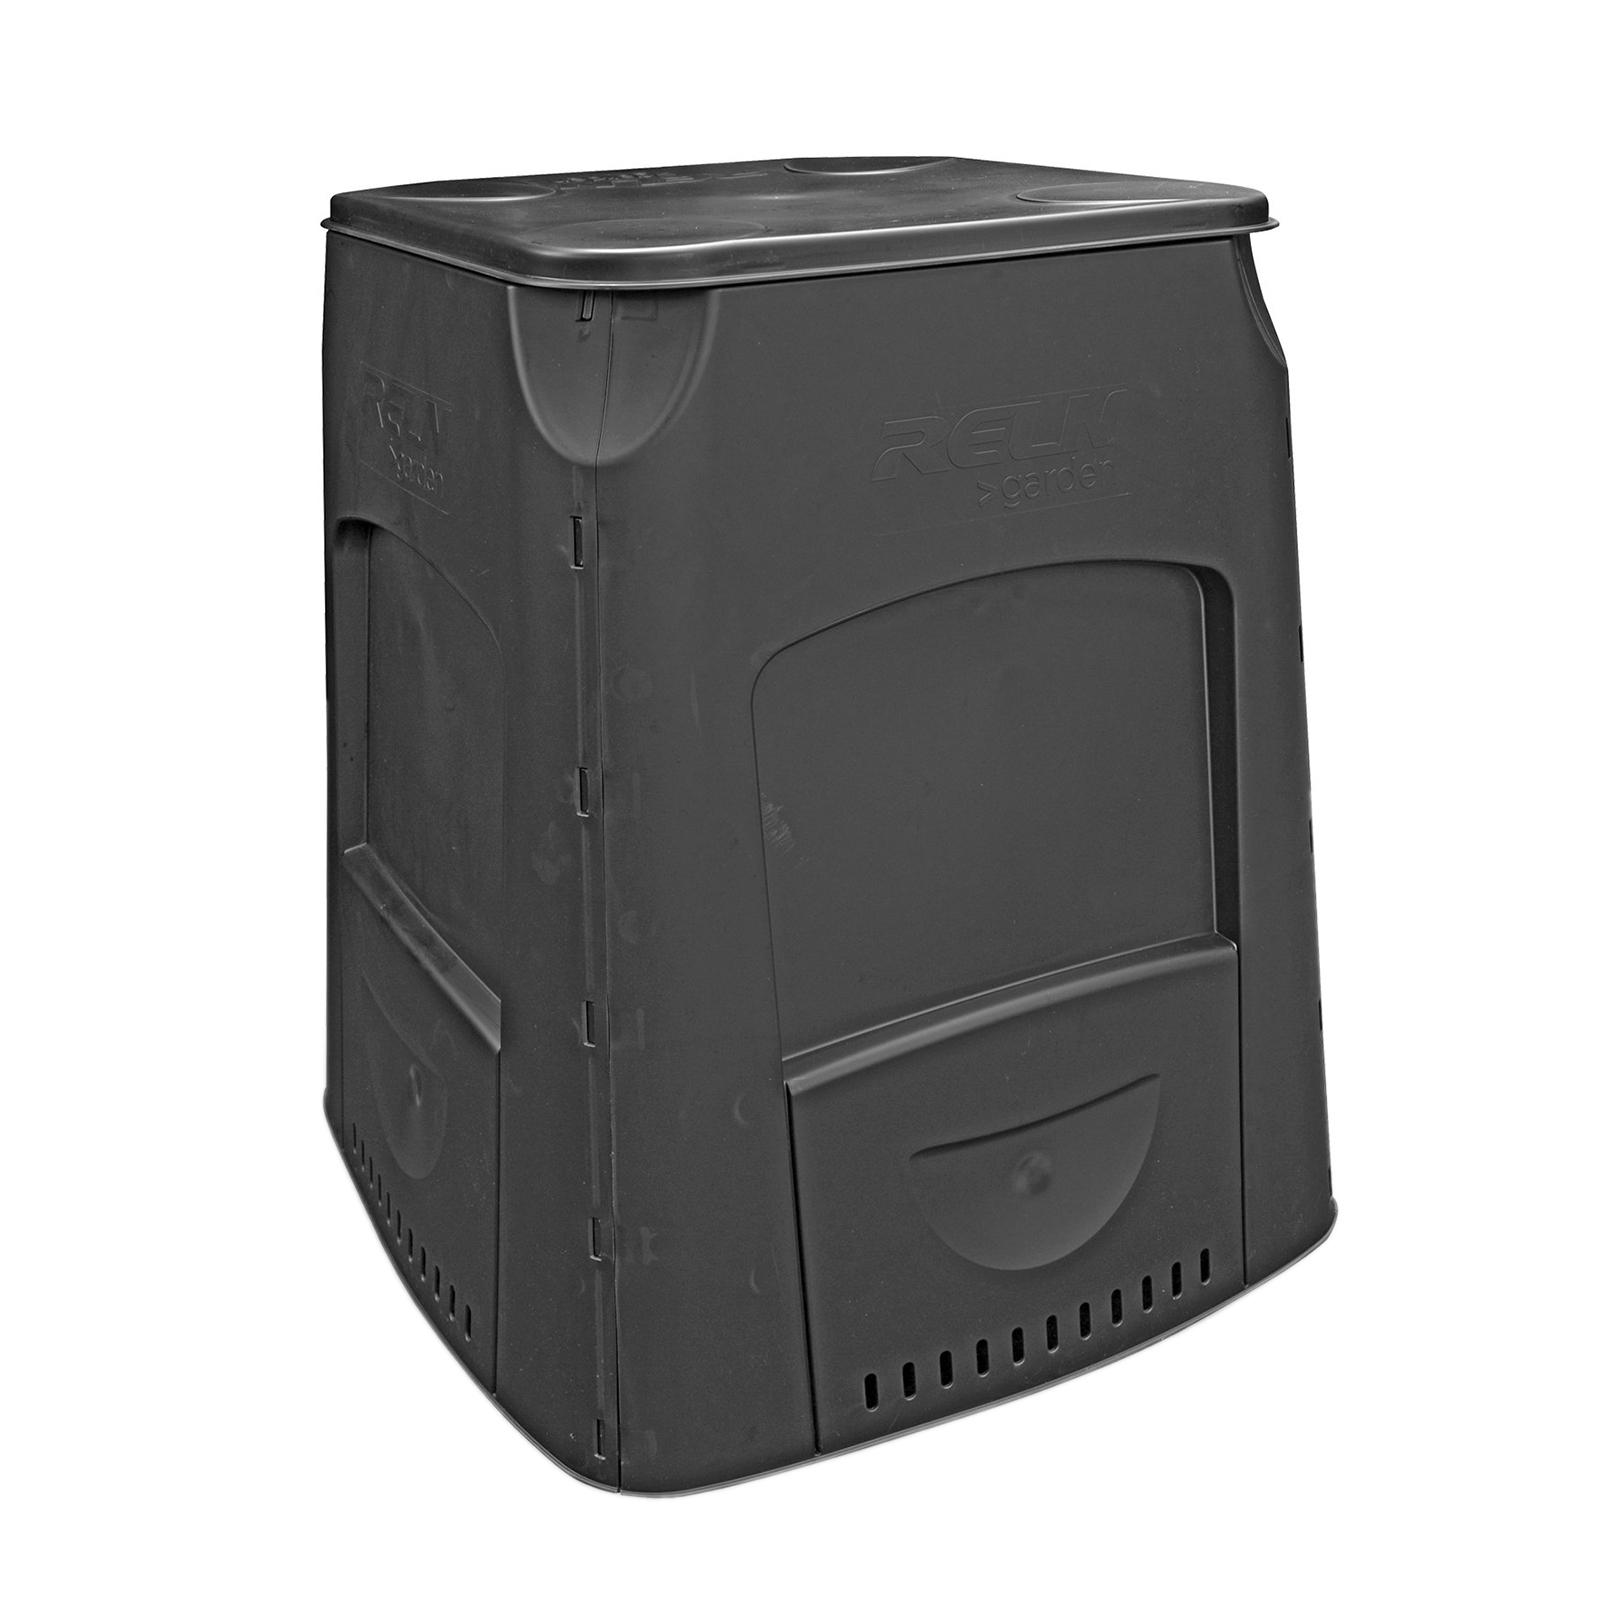 Tumbleweed 200L Flat Pack Black Compost Bin